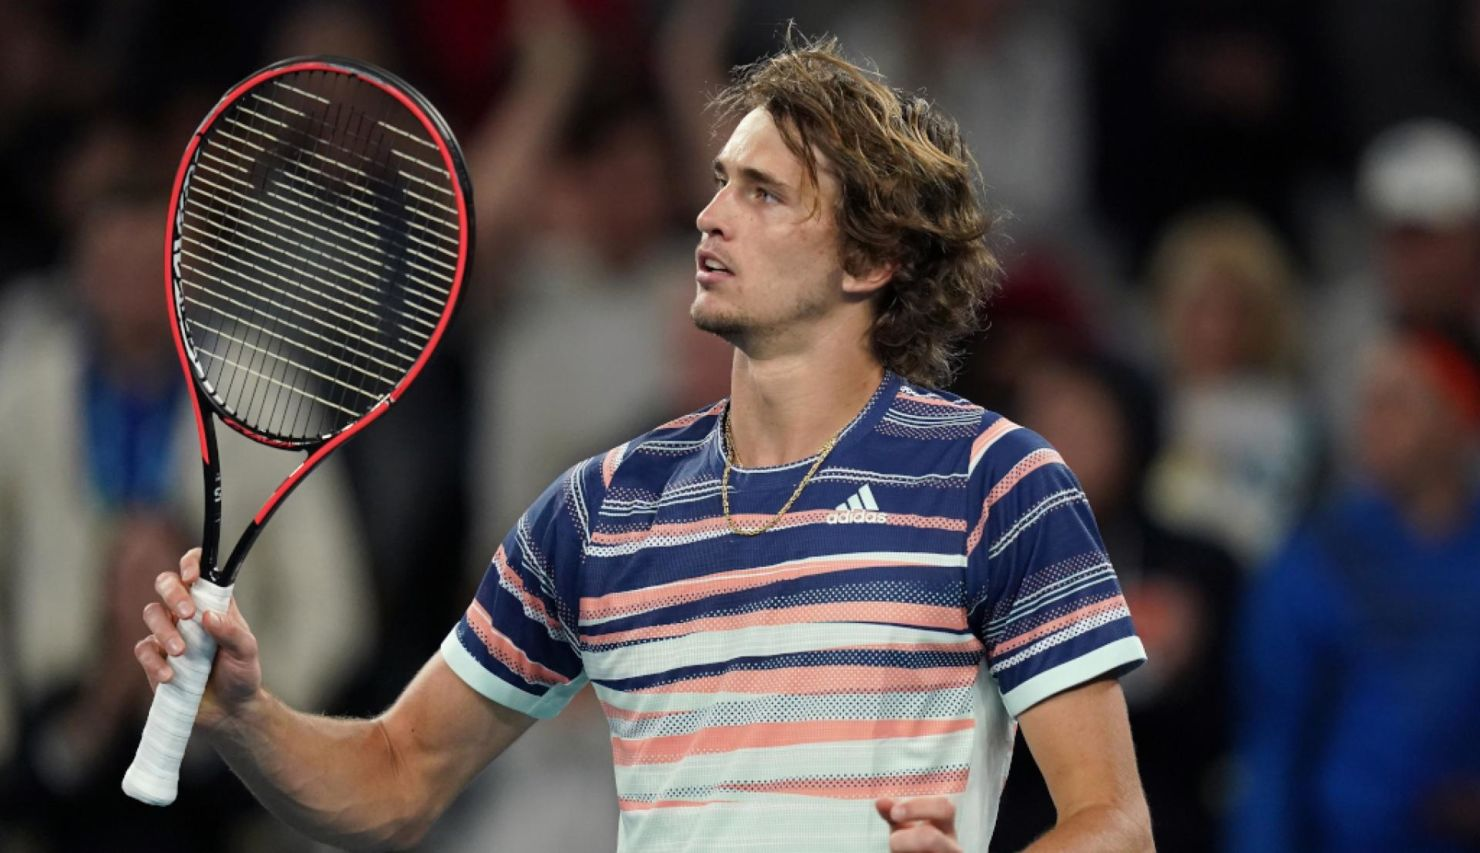 Los mejores tenistas (varonil) del momento, ¿hay cambio generacional?